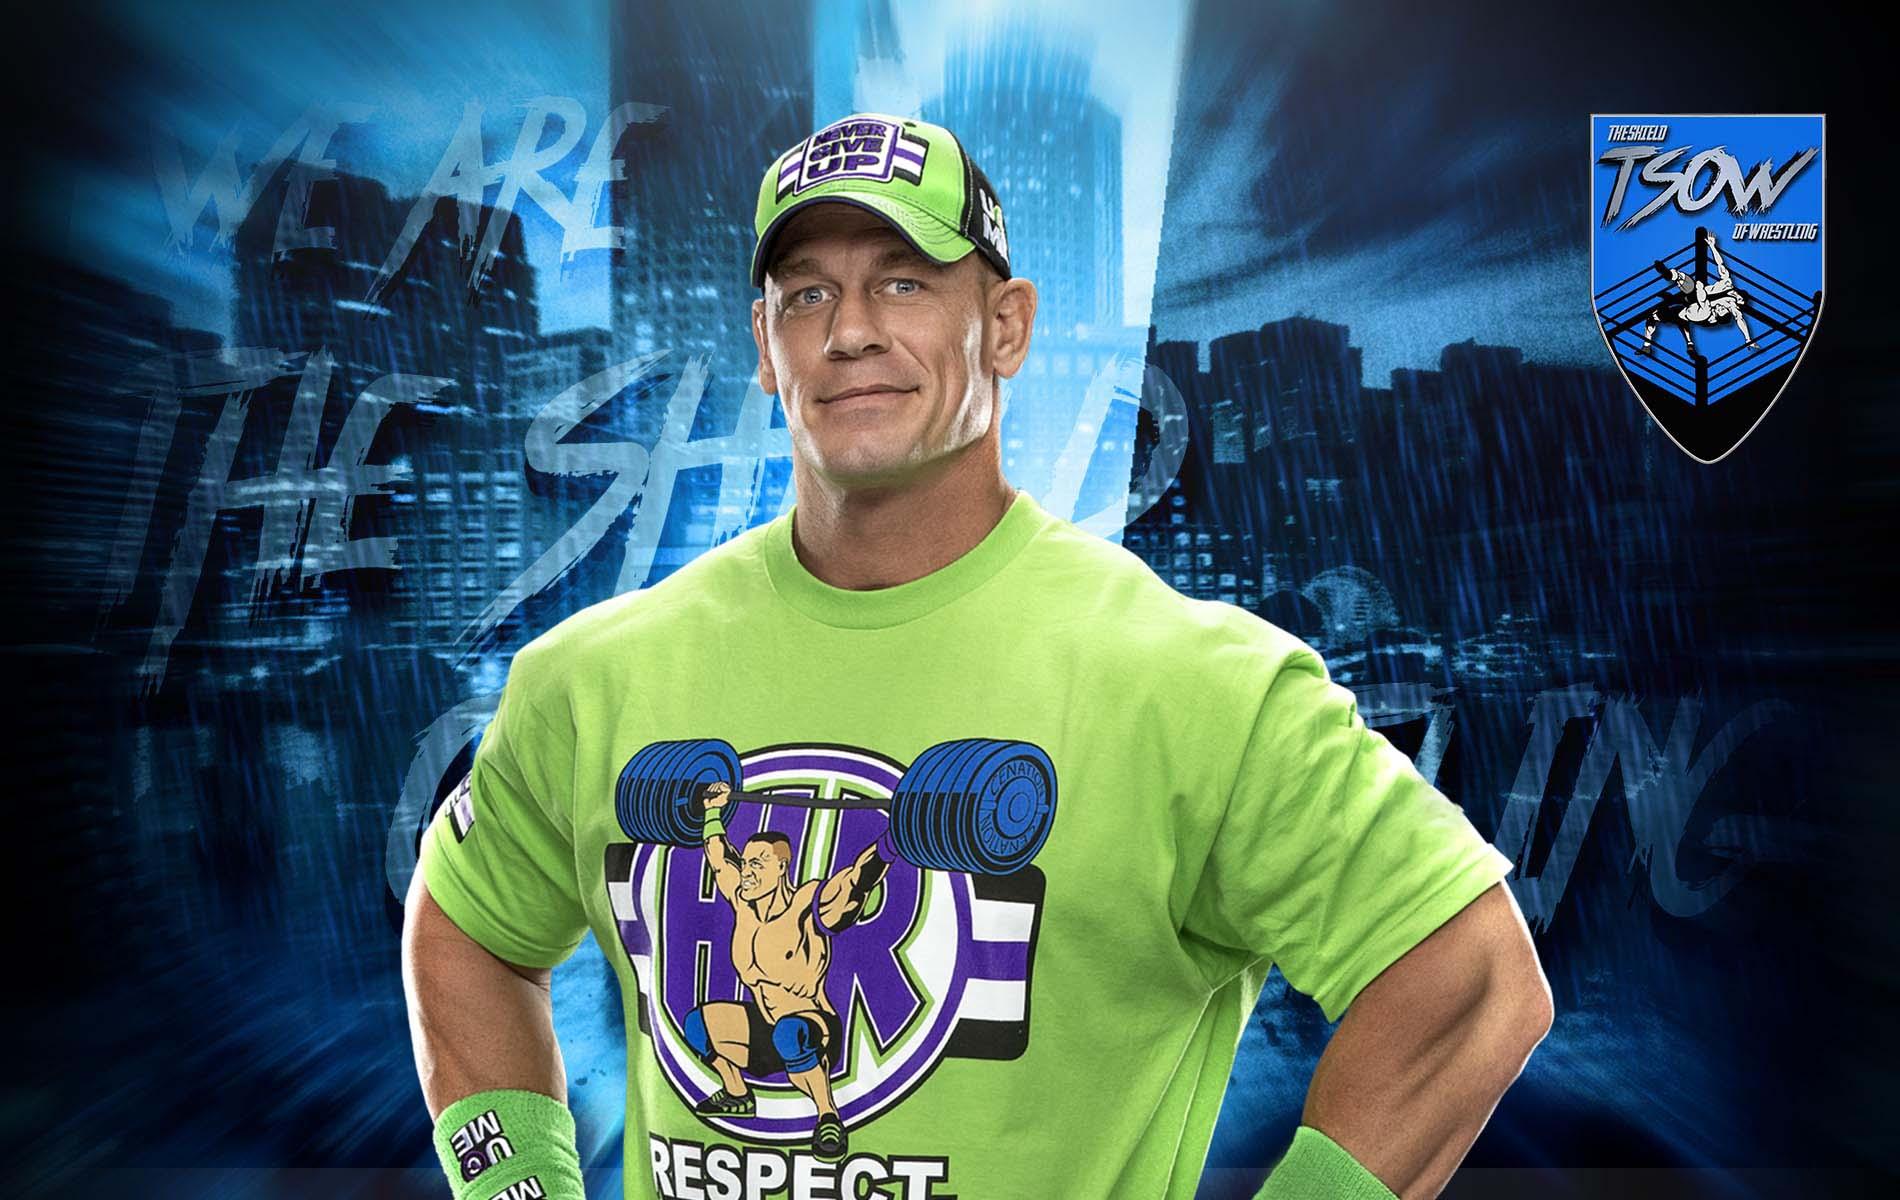 John Cena: la sua apparizione a WrestleMania 37 è in dubbio